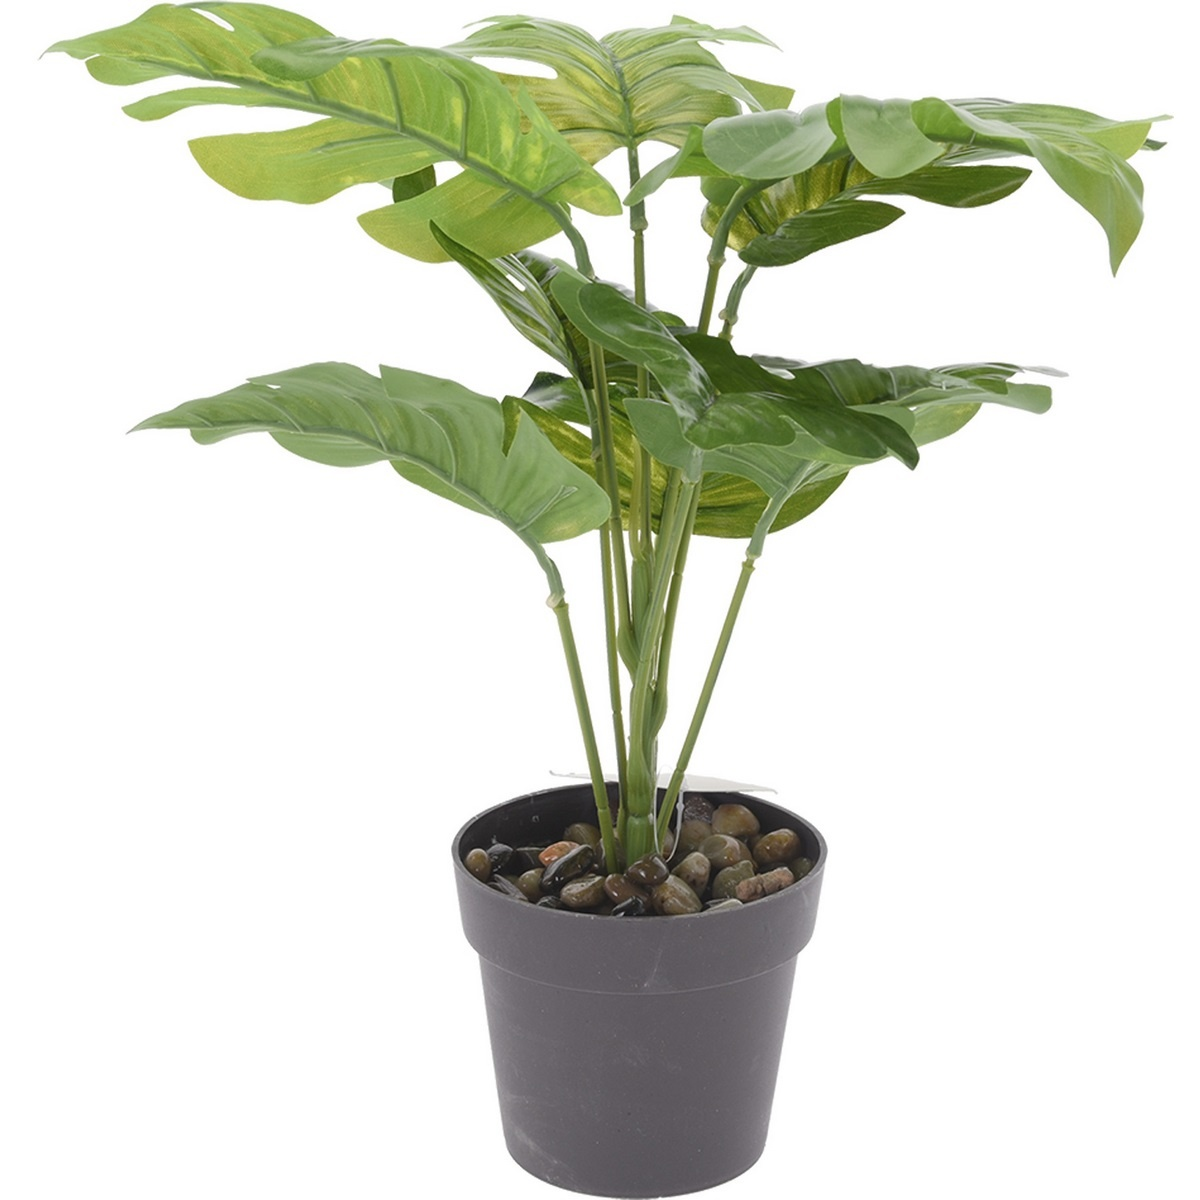 Koopman Umělá rostlina v květináči Noelle, 30 cm